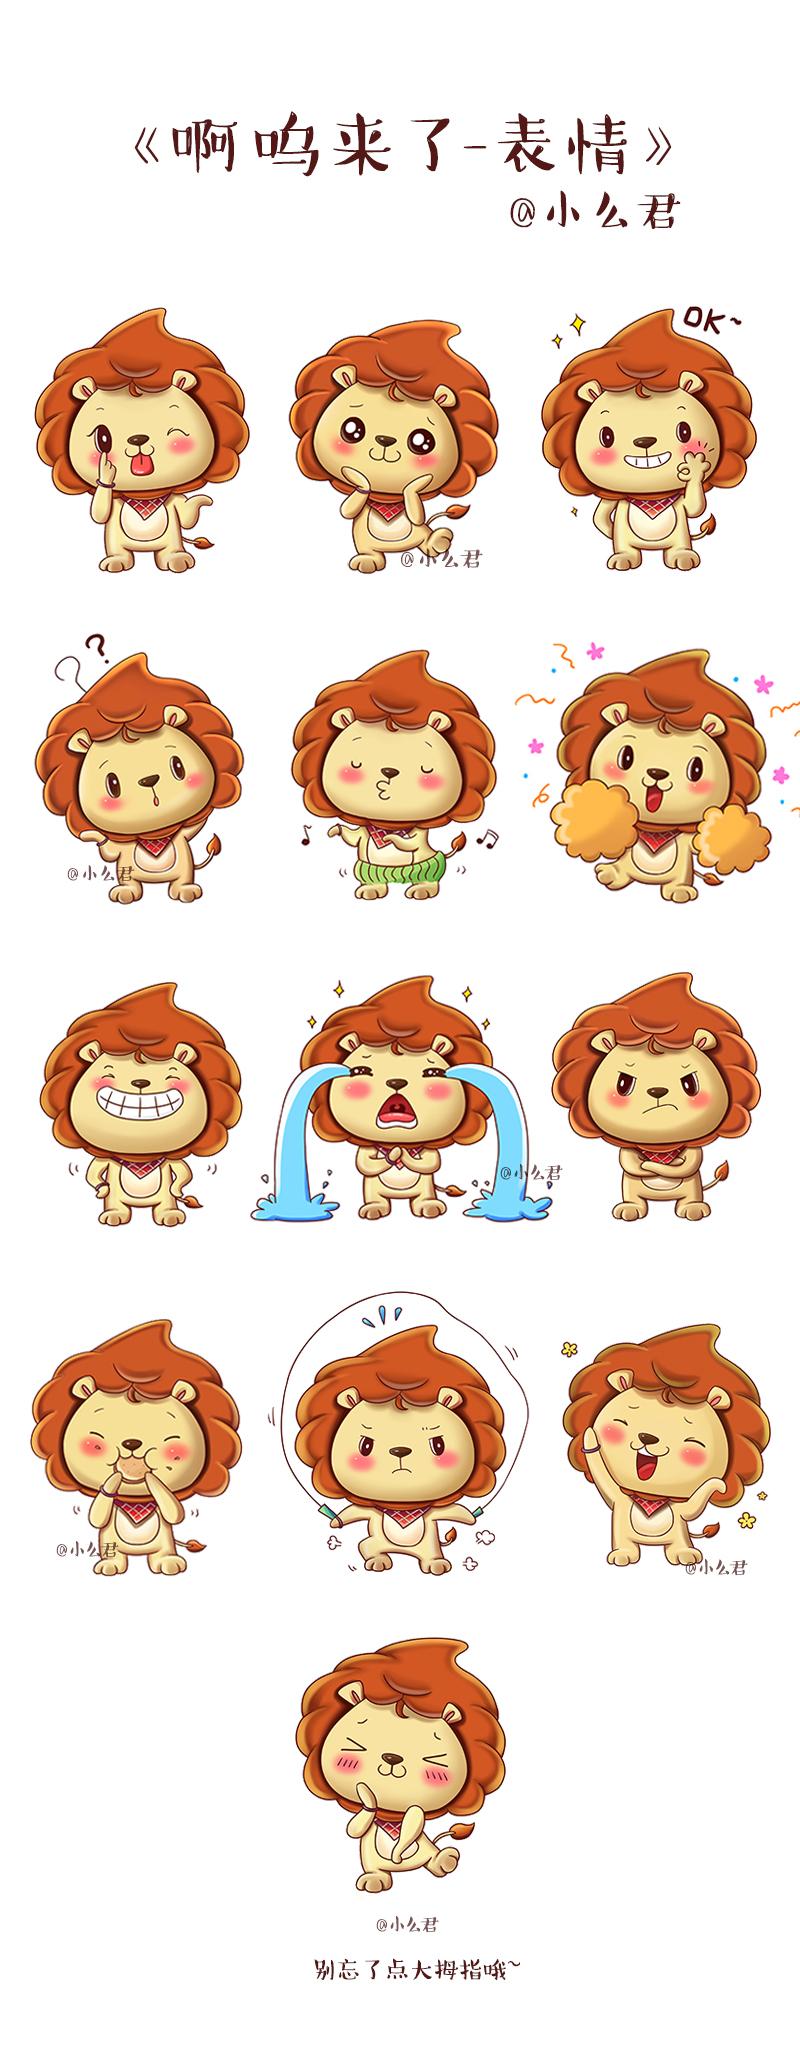 小狮子啊呜-卡通人物表情/app界面